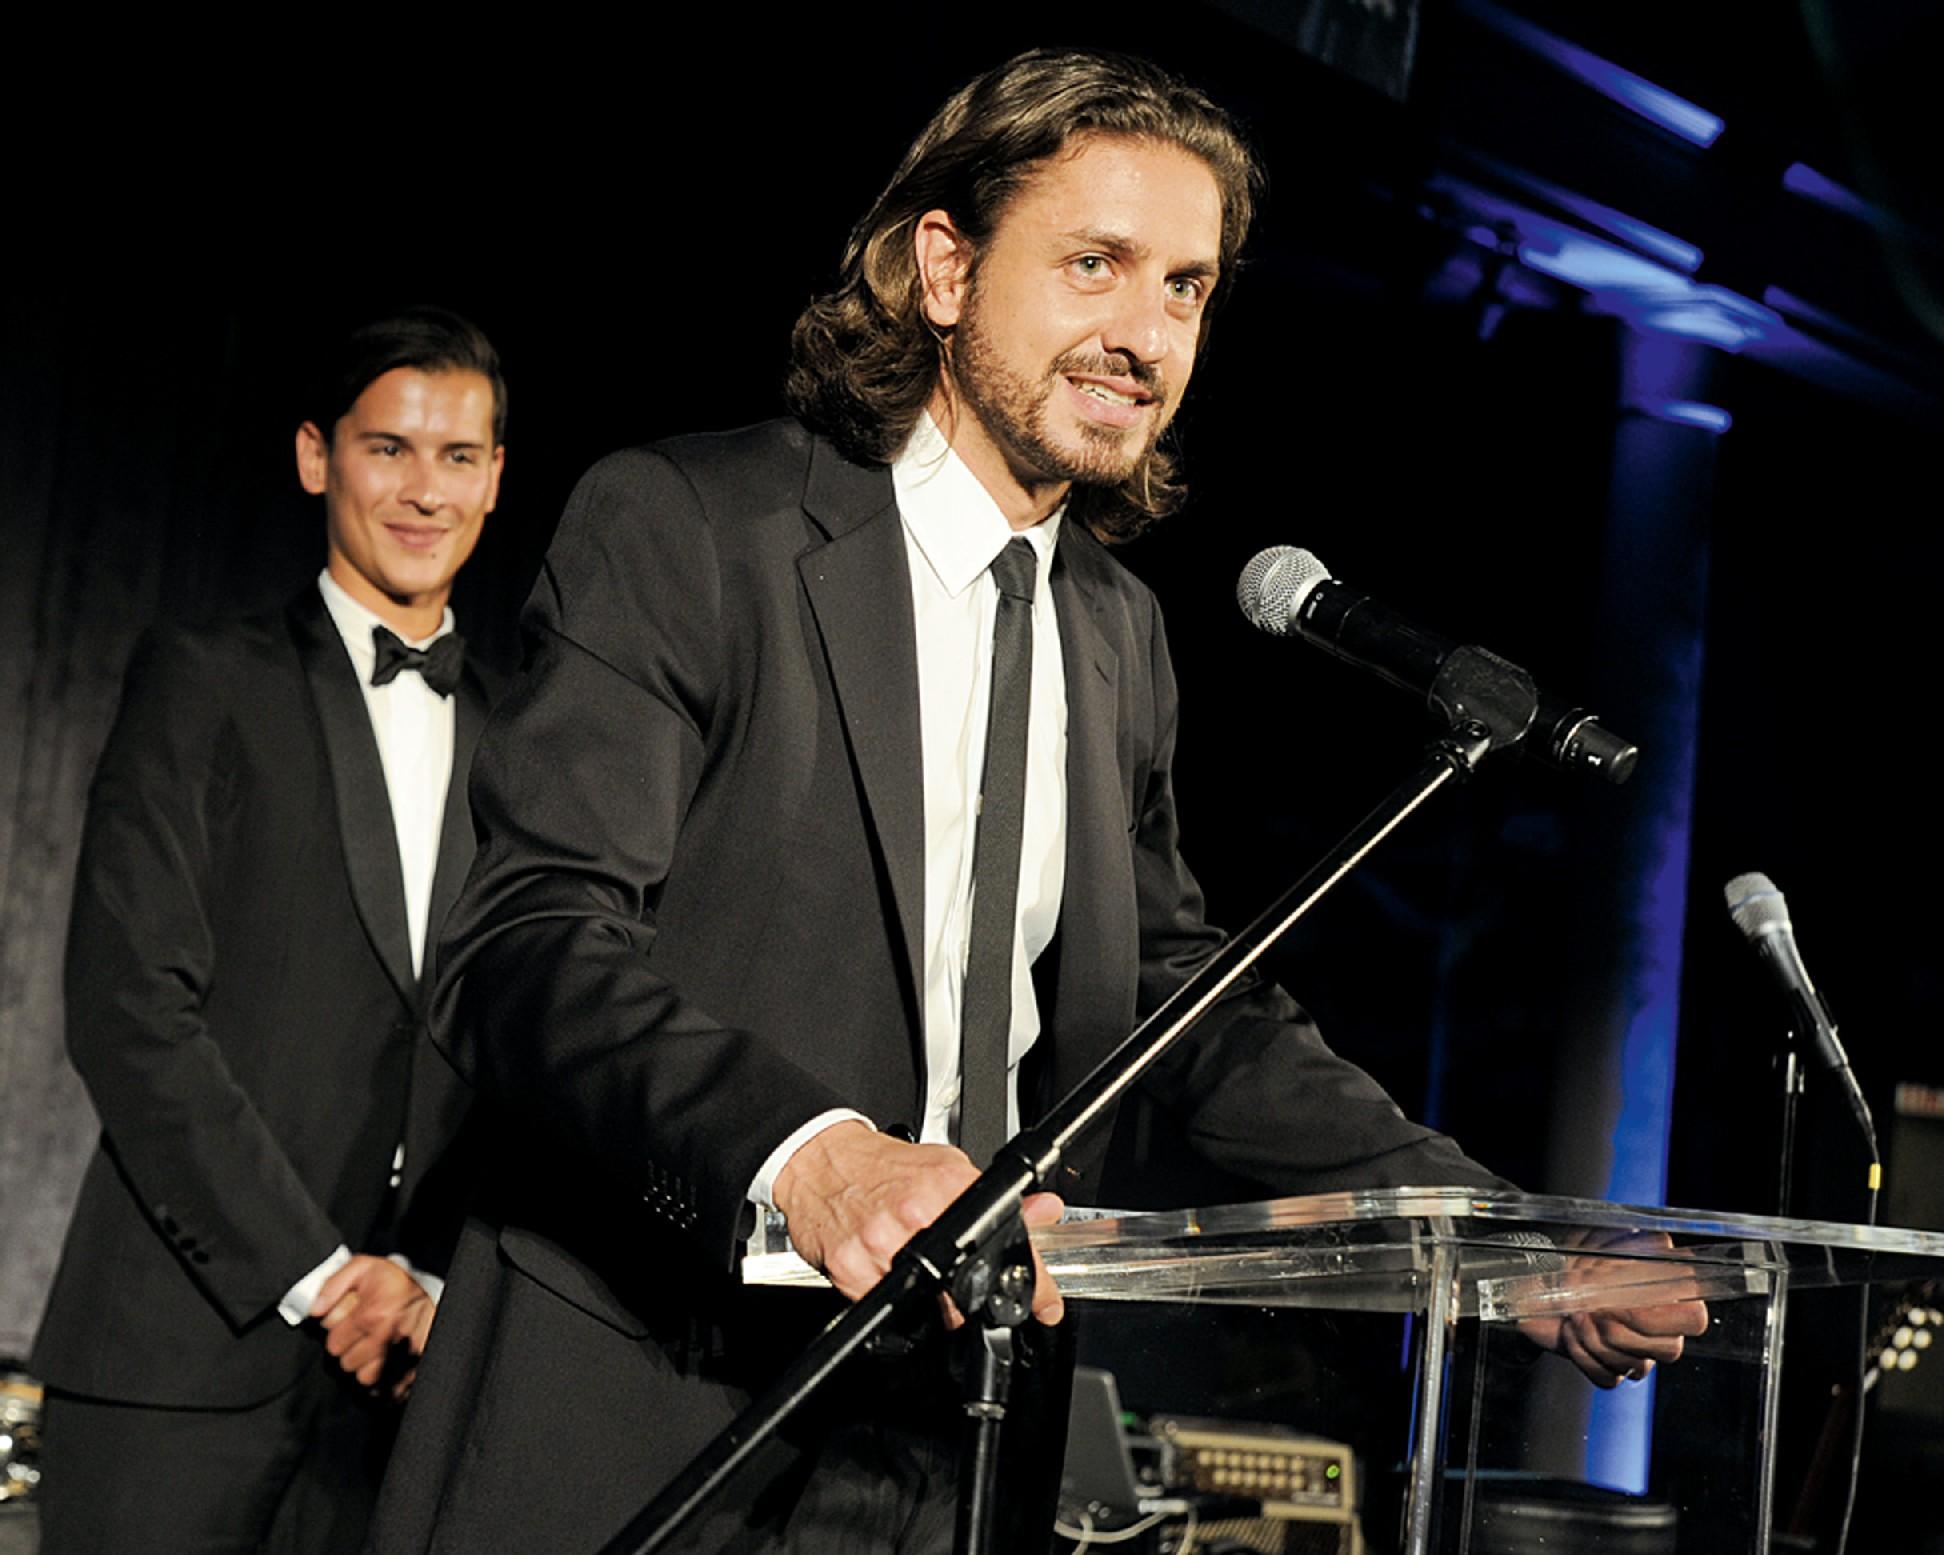 Lourenço durante jantar de gala do Brazil Foundation em Nova York, em setembro último